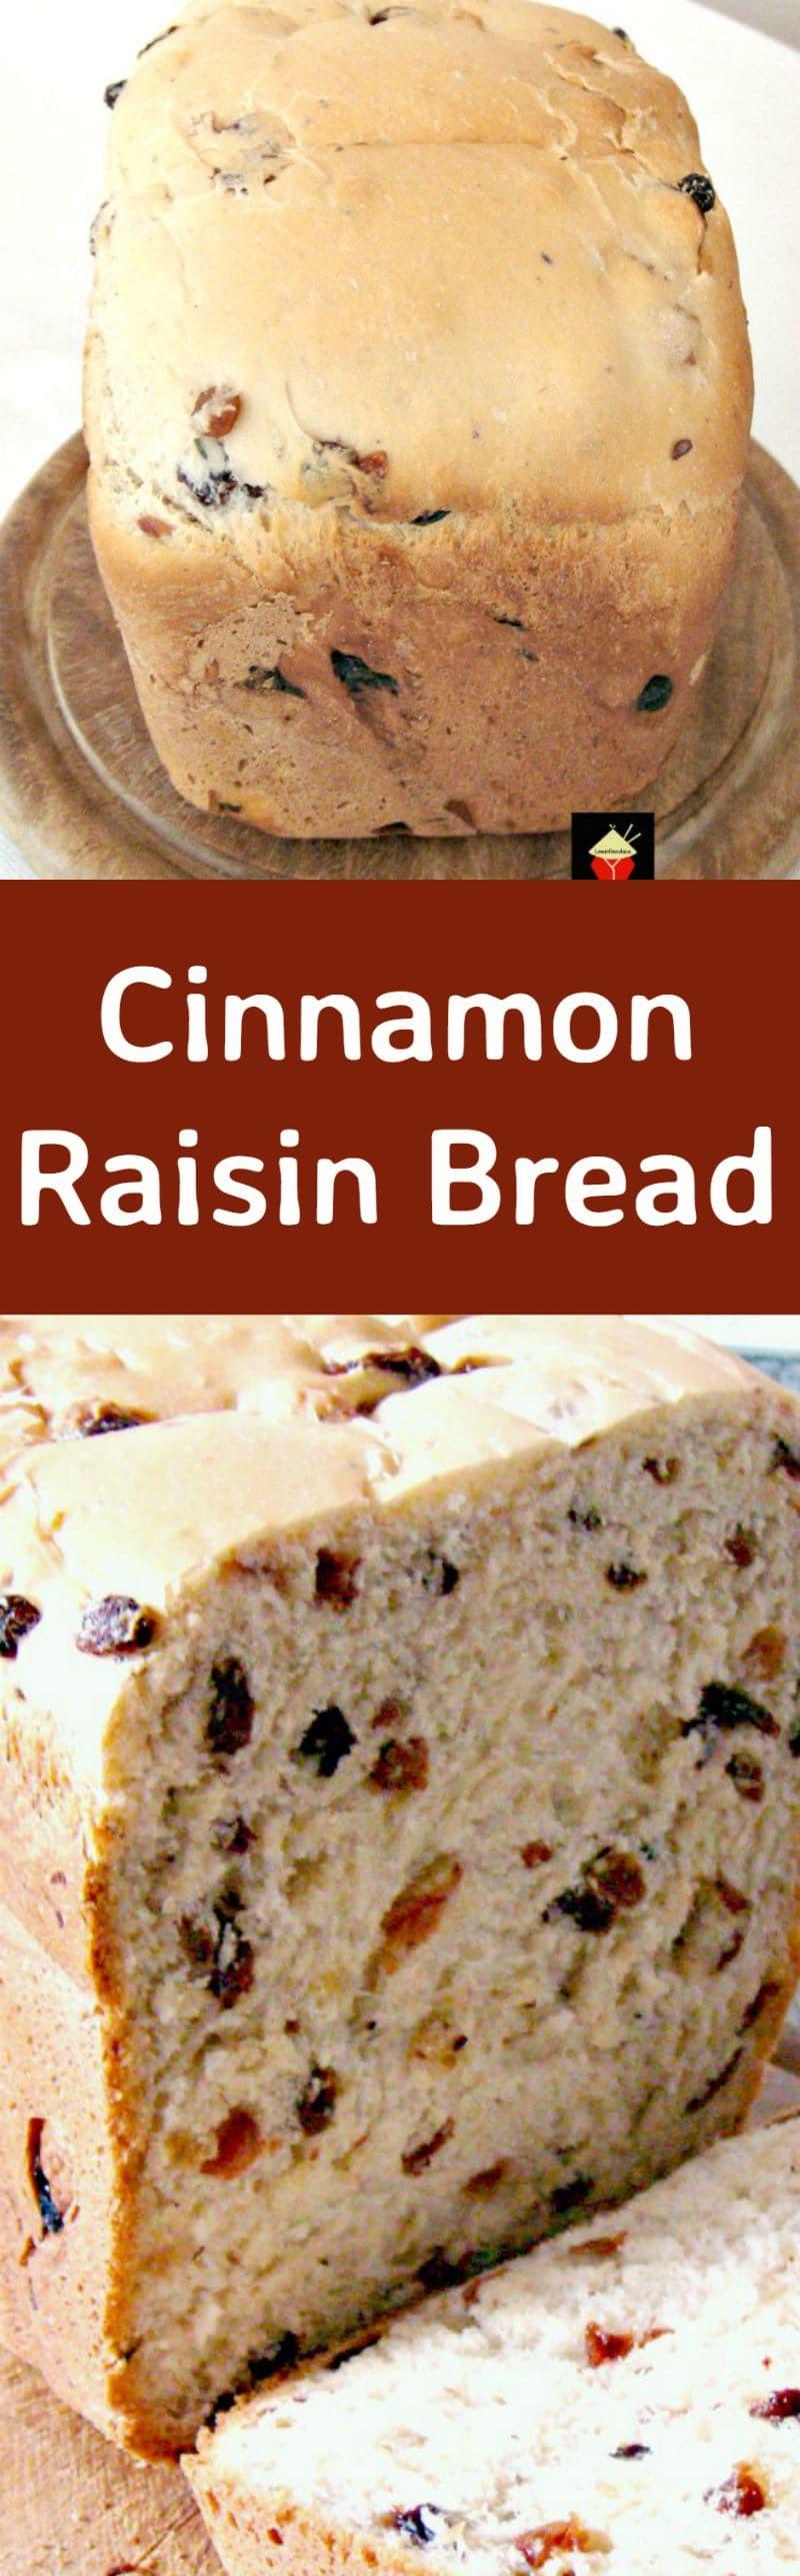 Cinnamon Raisin Bread Machine Recipe  Cinnamon Raisin Bread A nice easy bread to make using